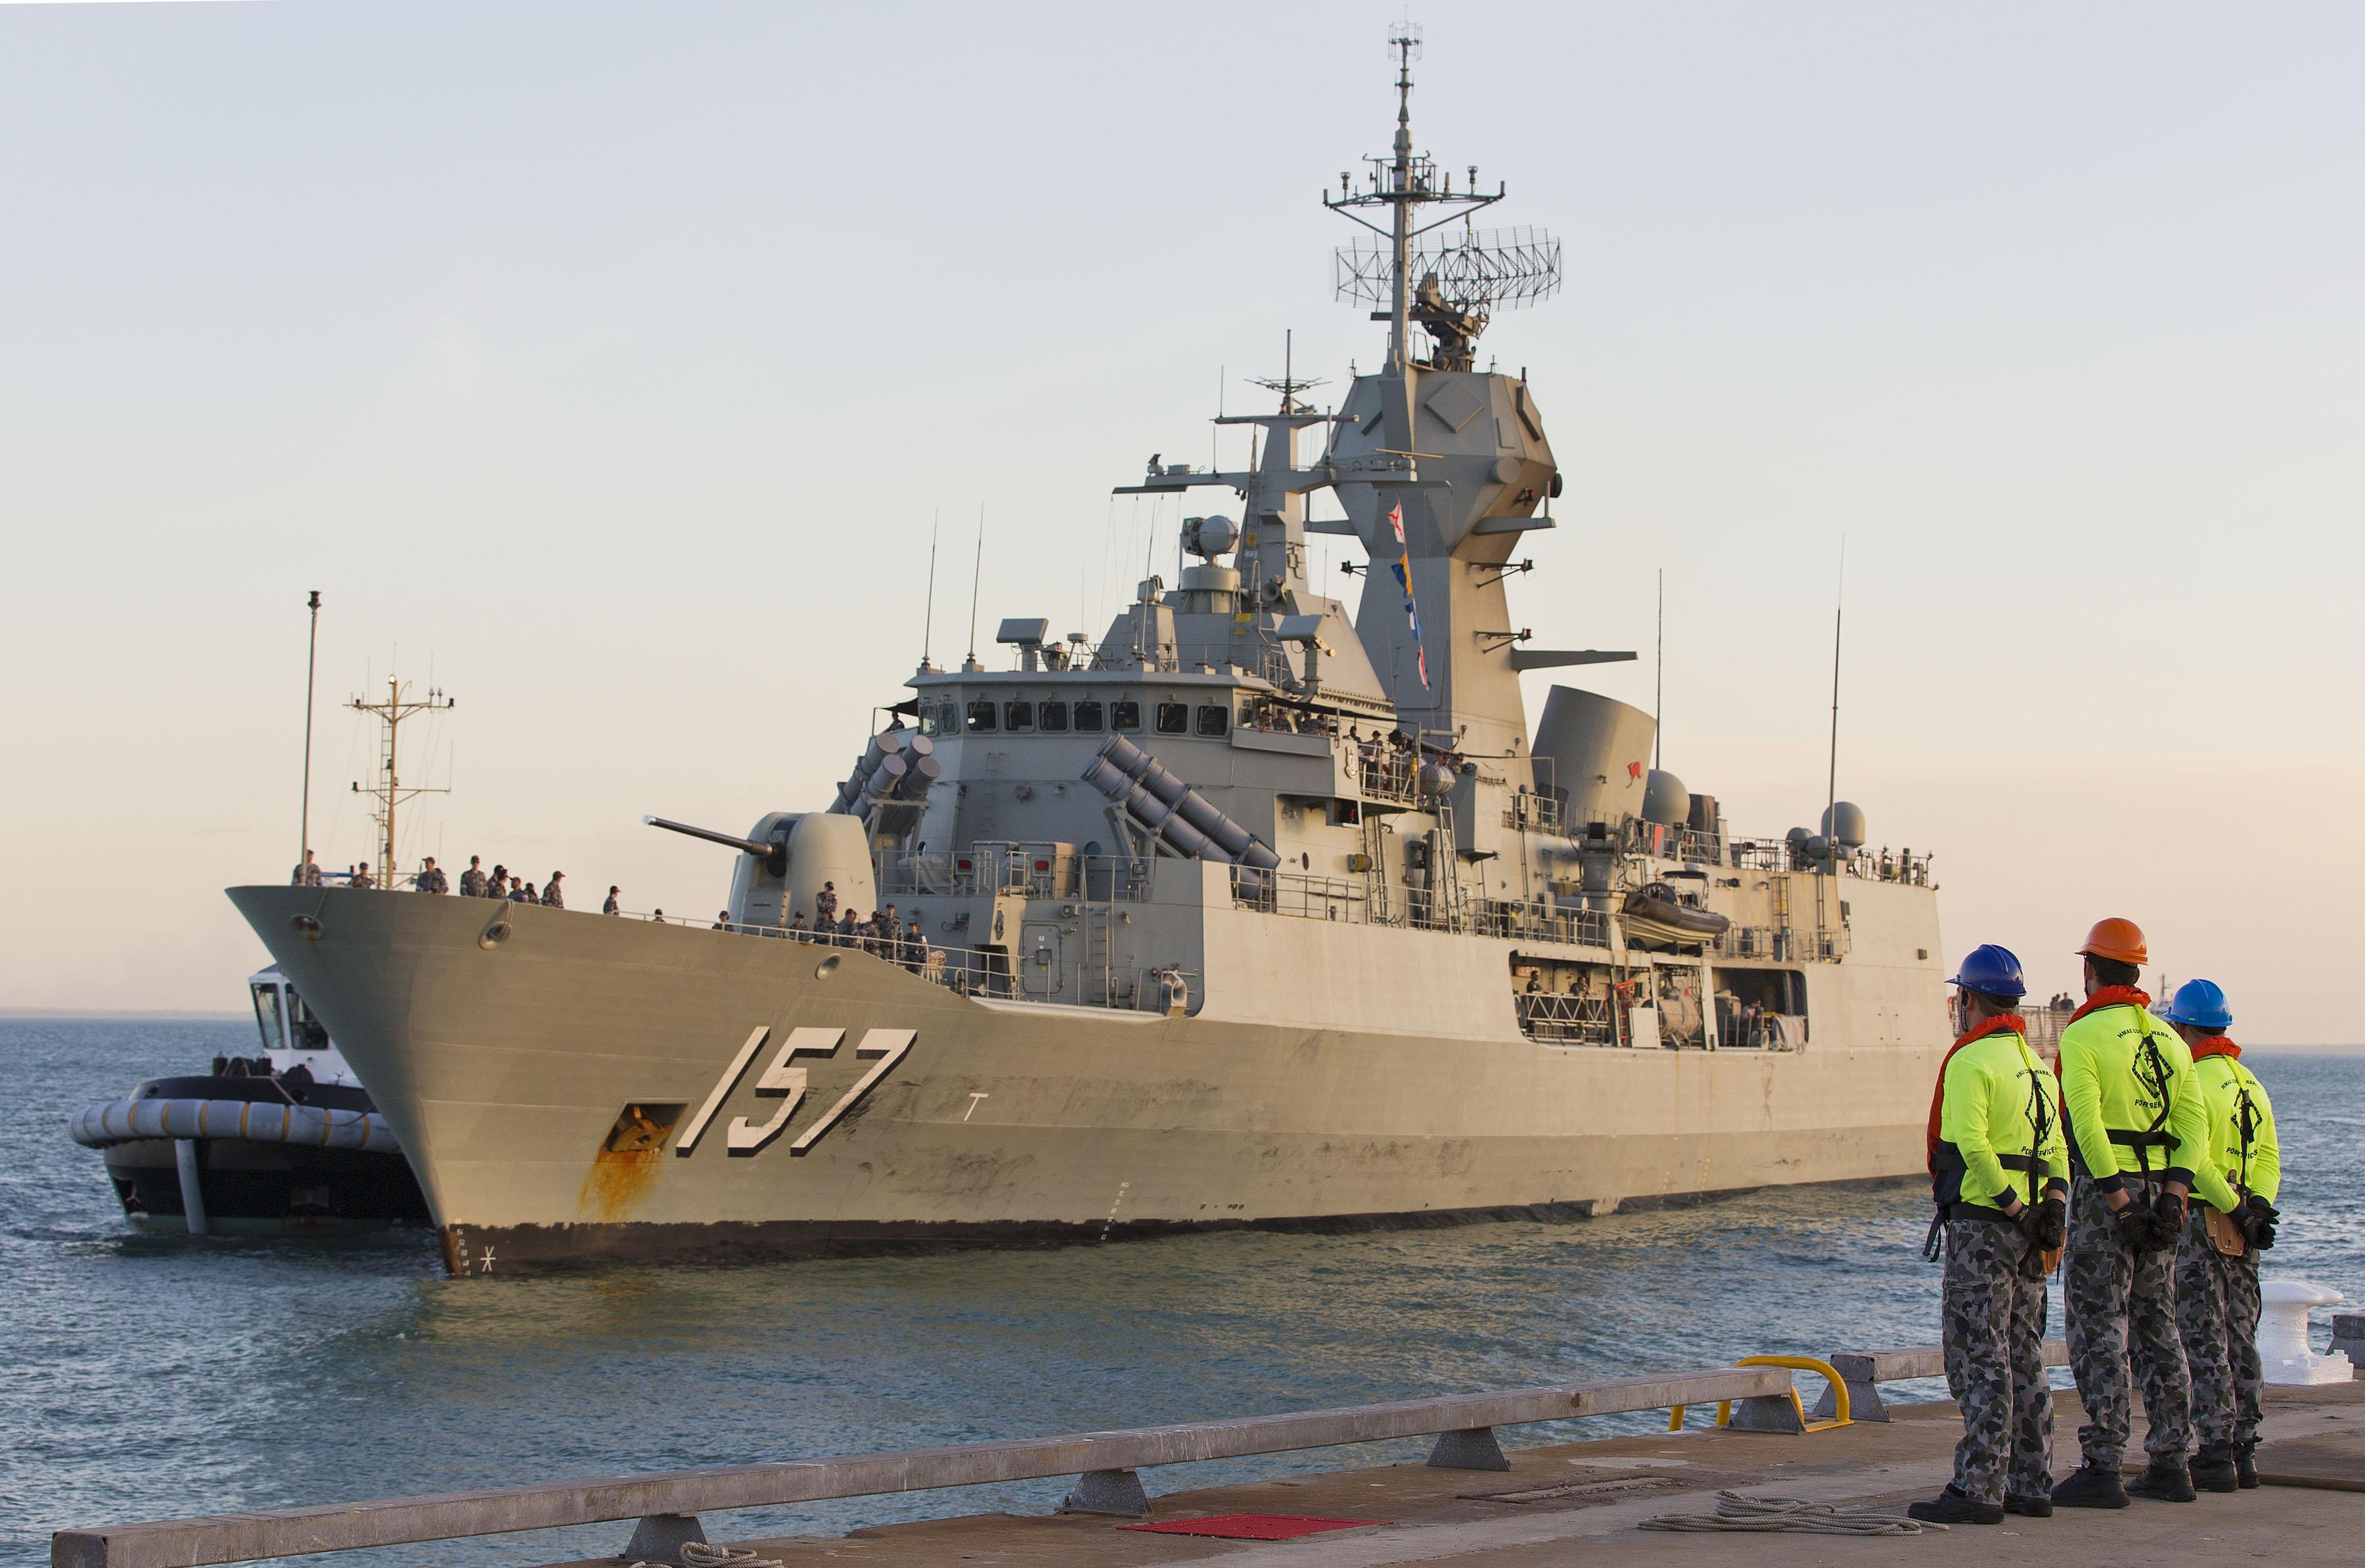 Etats-Unis, Australie et Japon lancent des exercices militaires aux portes du Pacifique